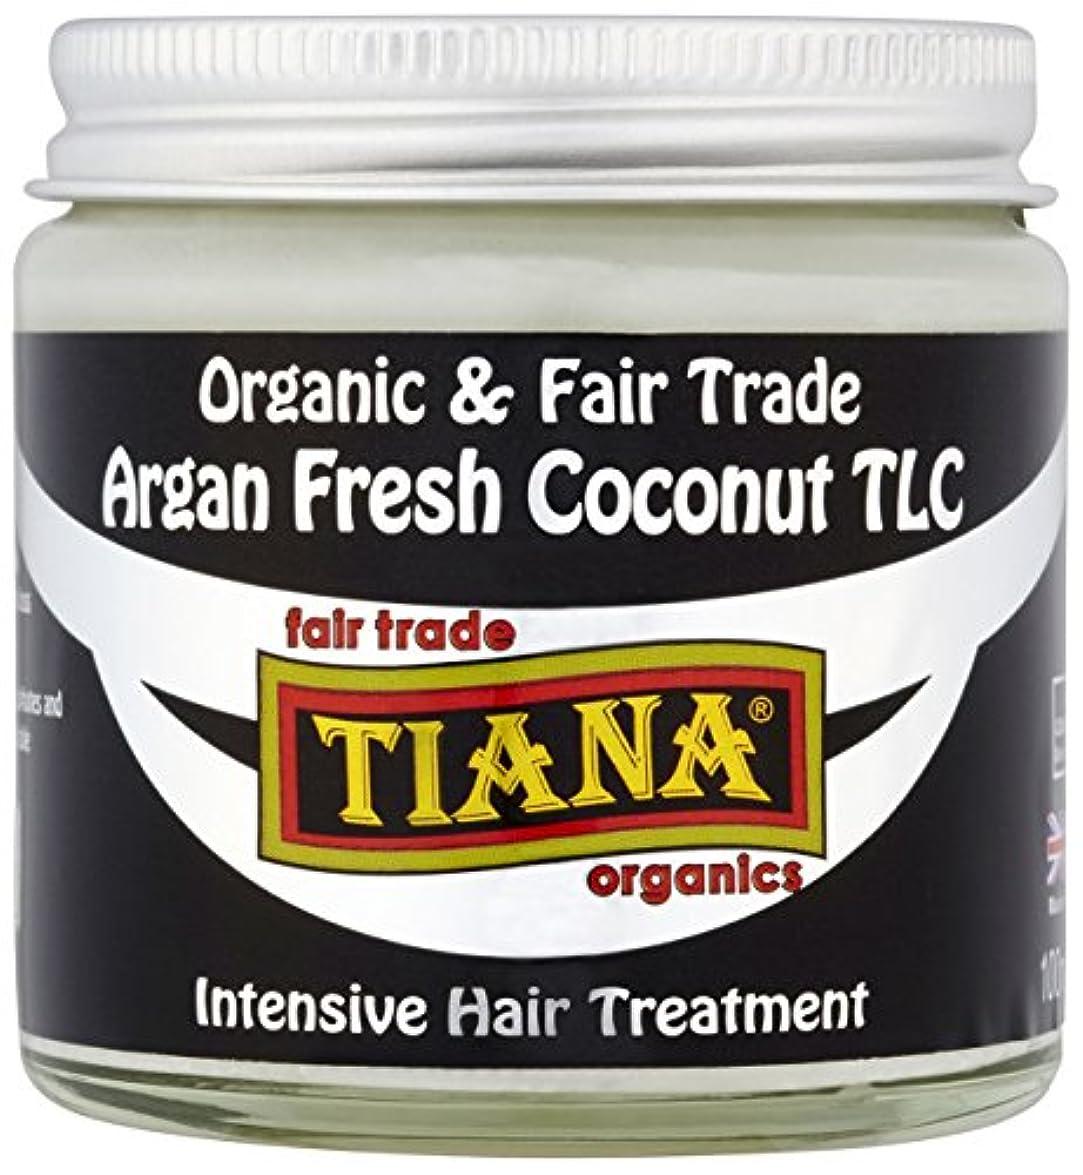 霧クーポン実質的にTiana Organic Argan Coconut Intensive Hair Treatment 100ml